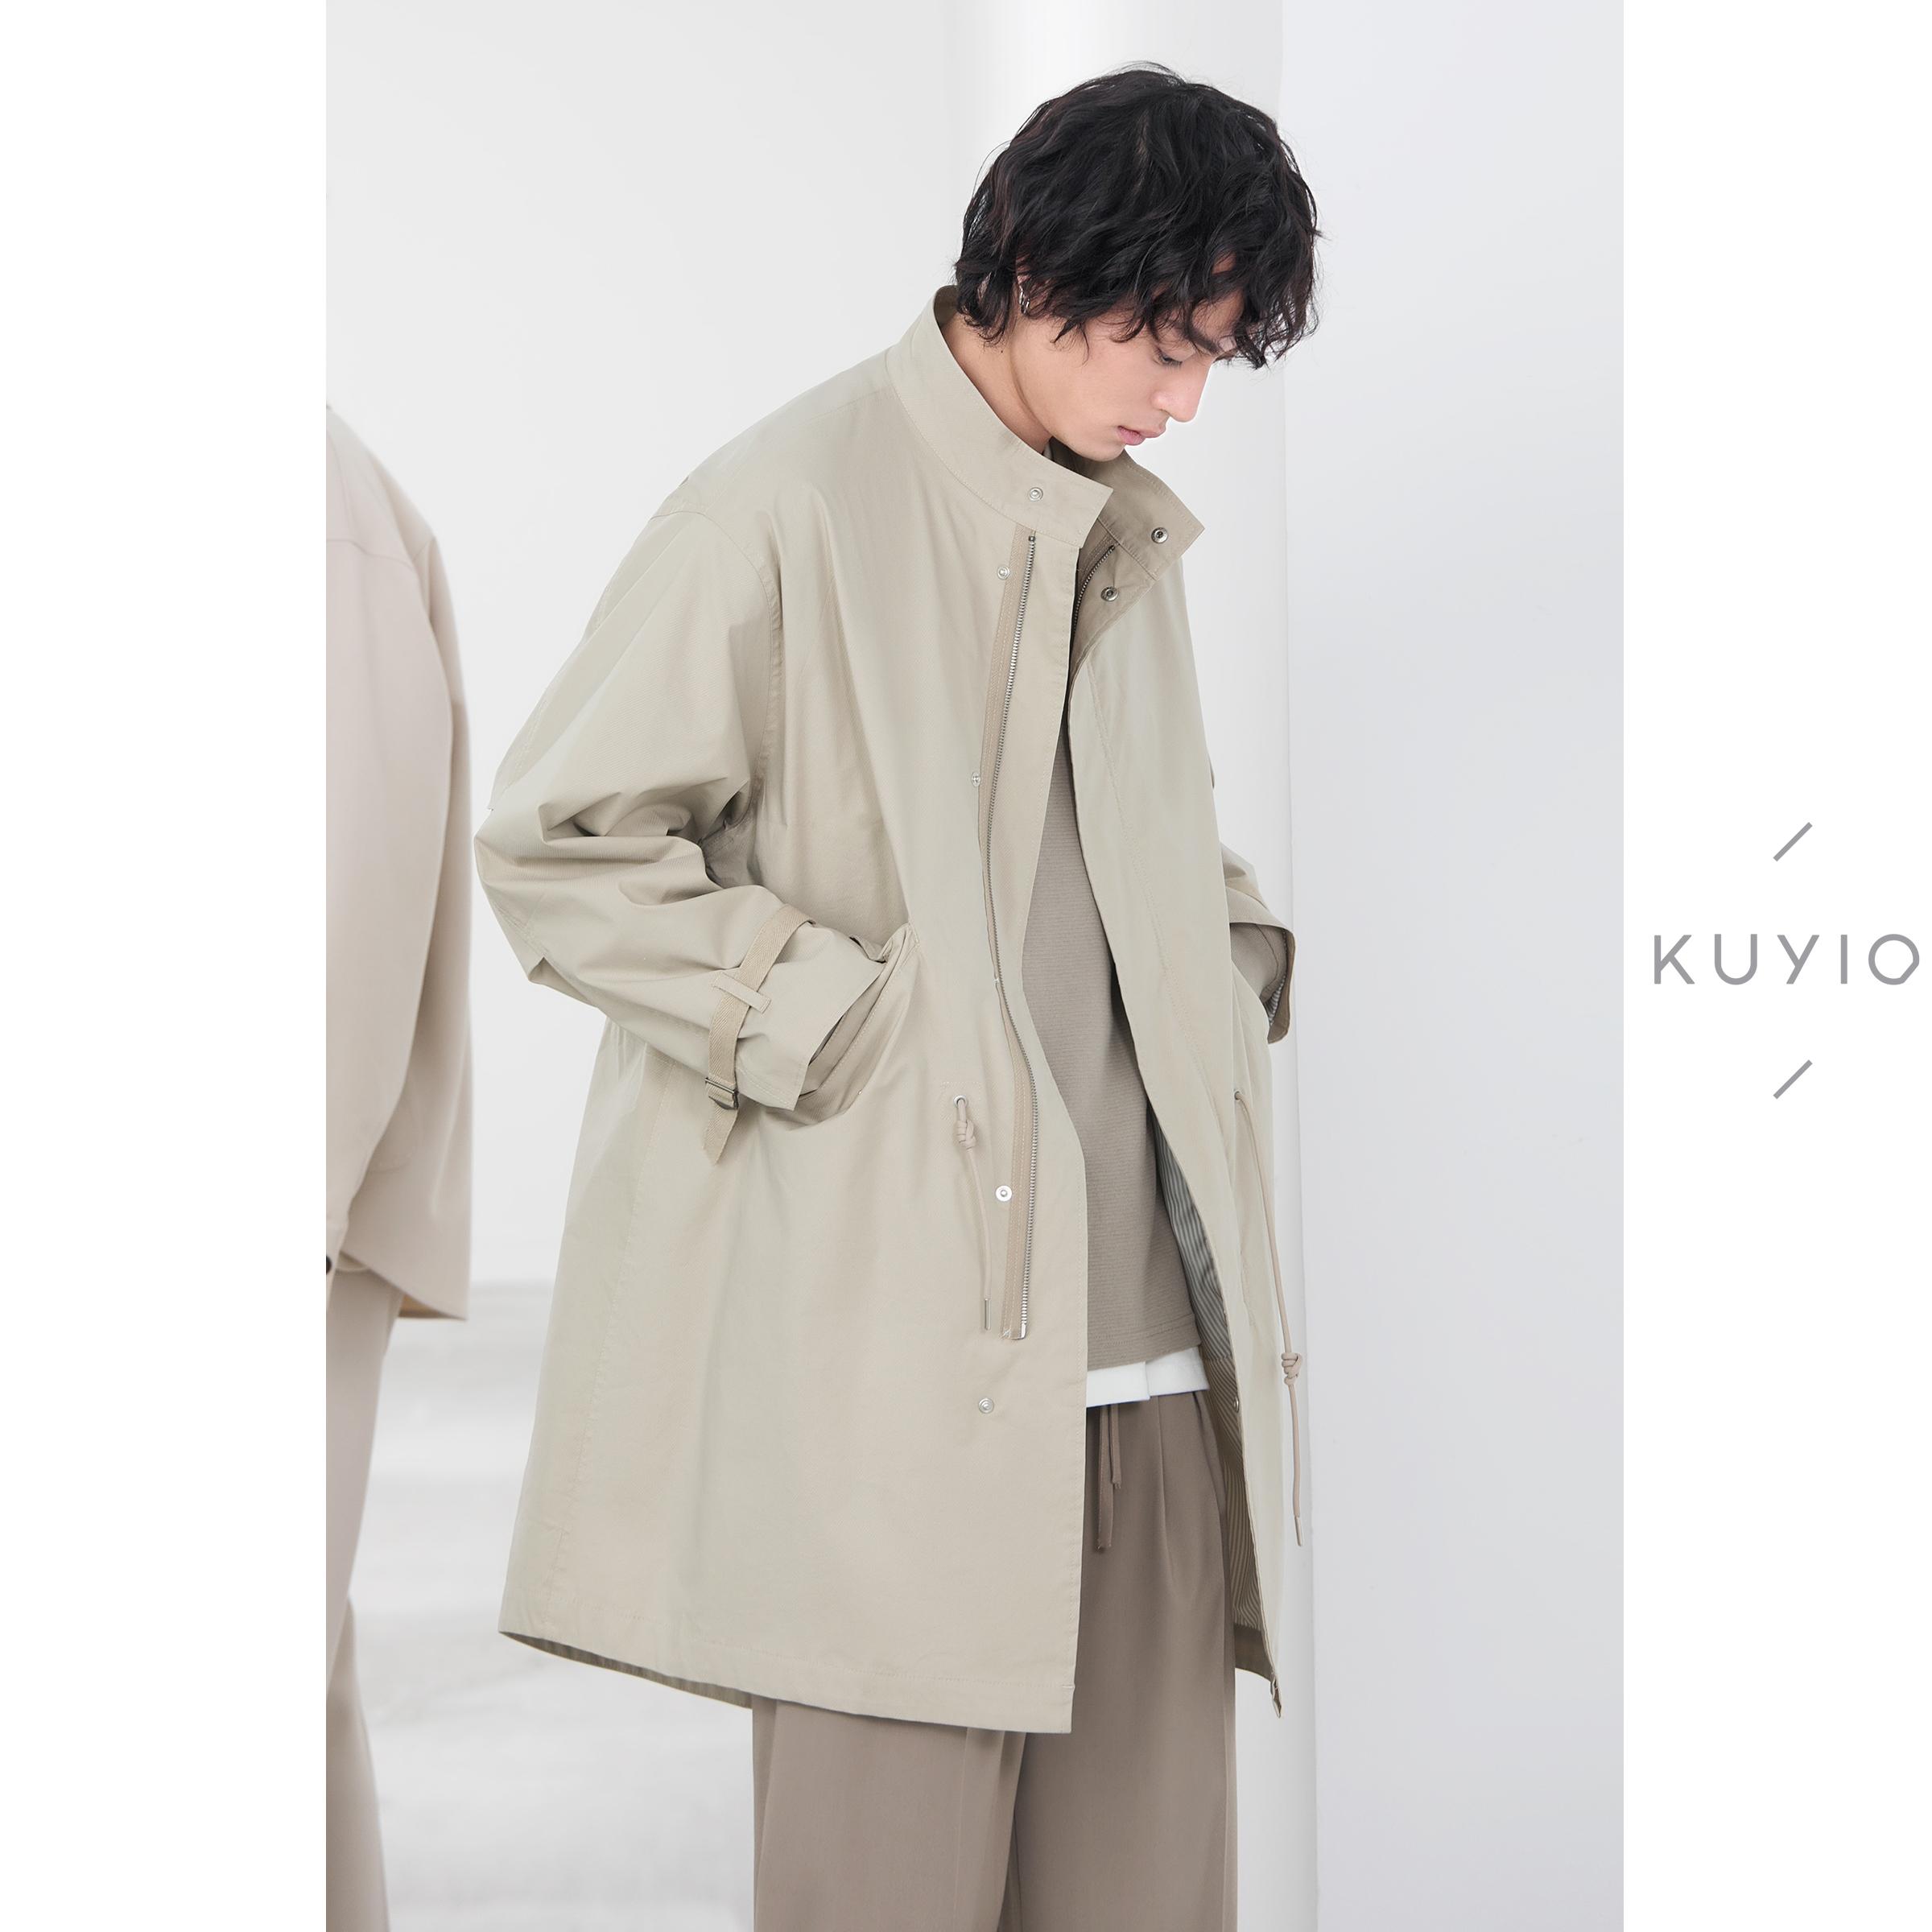 kuyiou早春/ n3b工装日系轻薄风衣好用吗